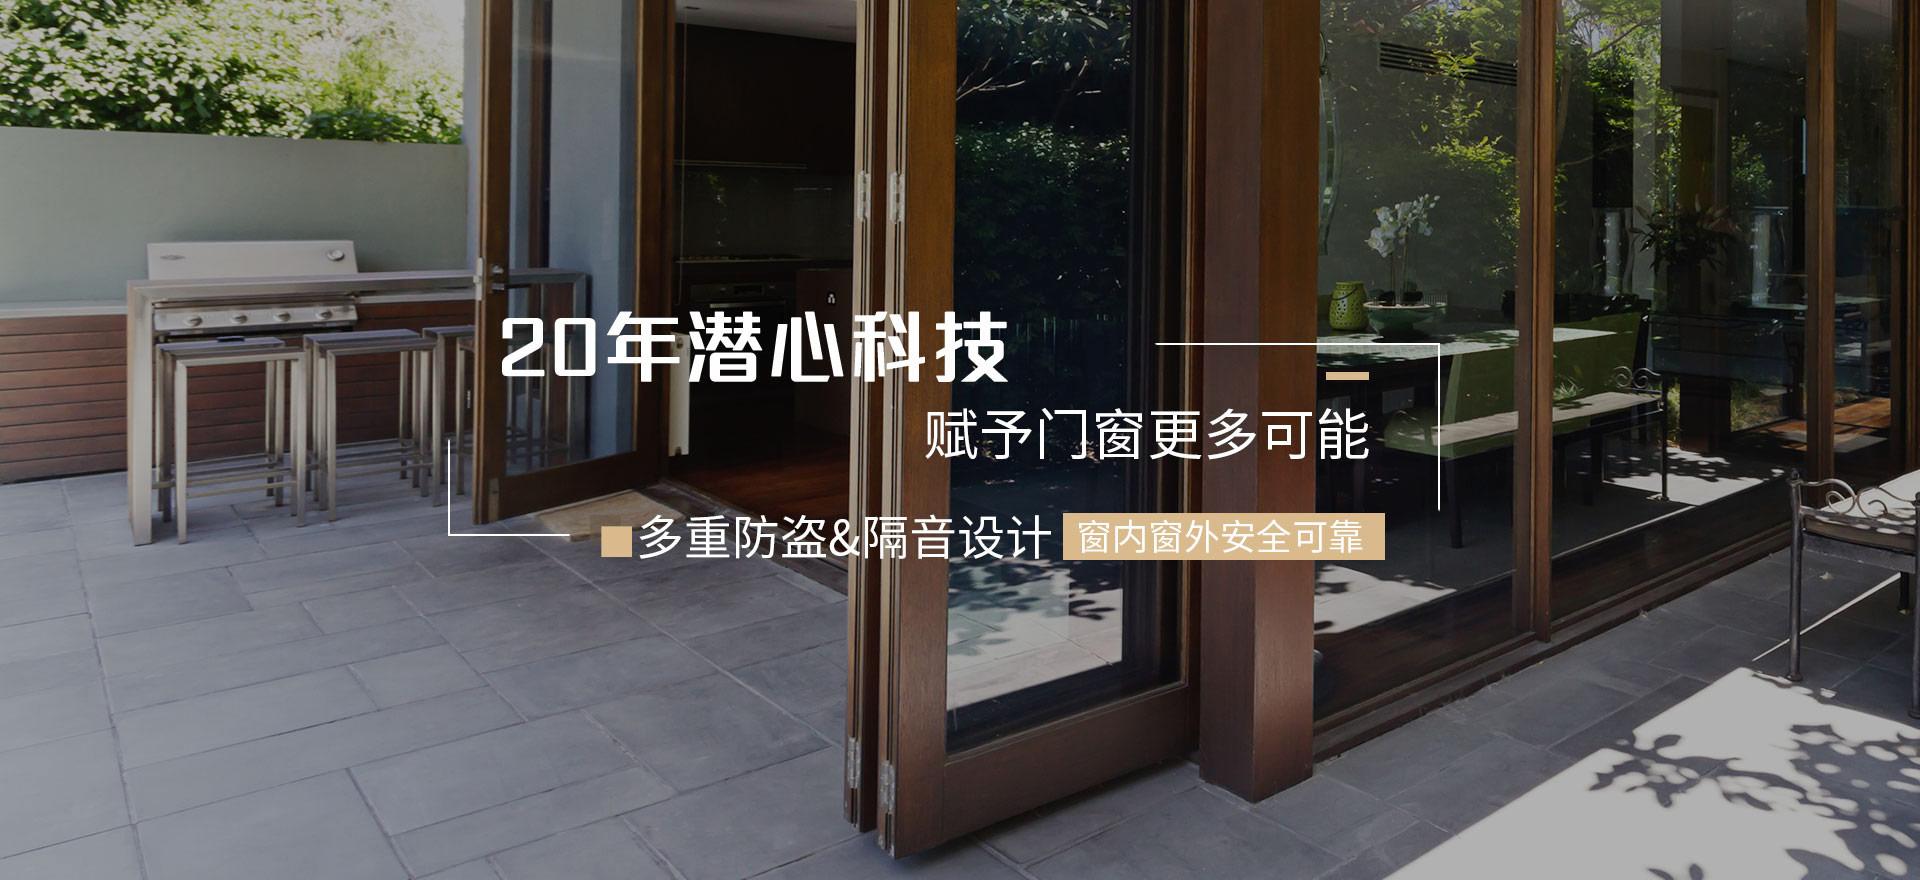 韶河门窗20年潜心科技、赋予门窗更多可能